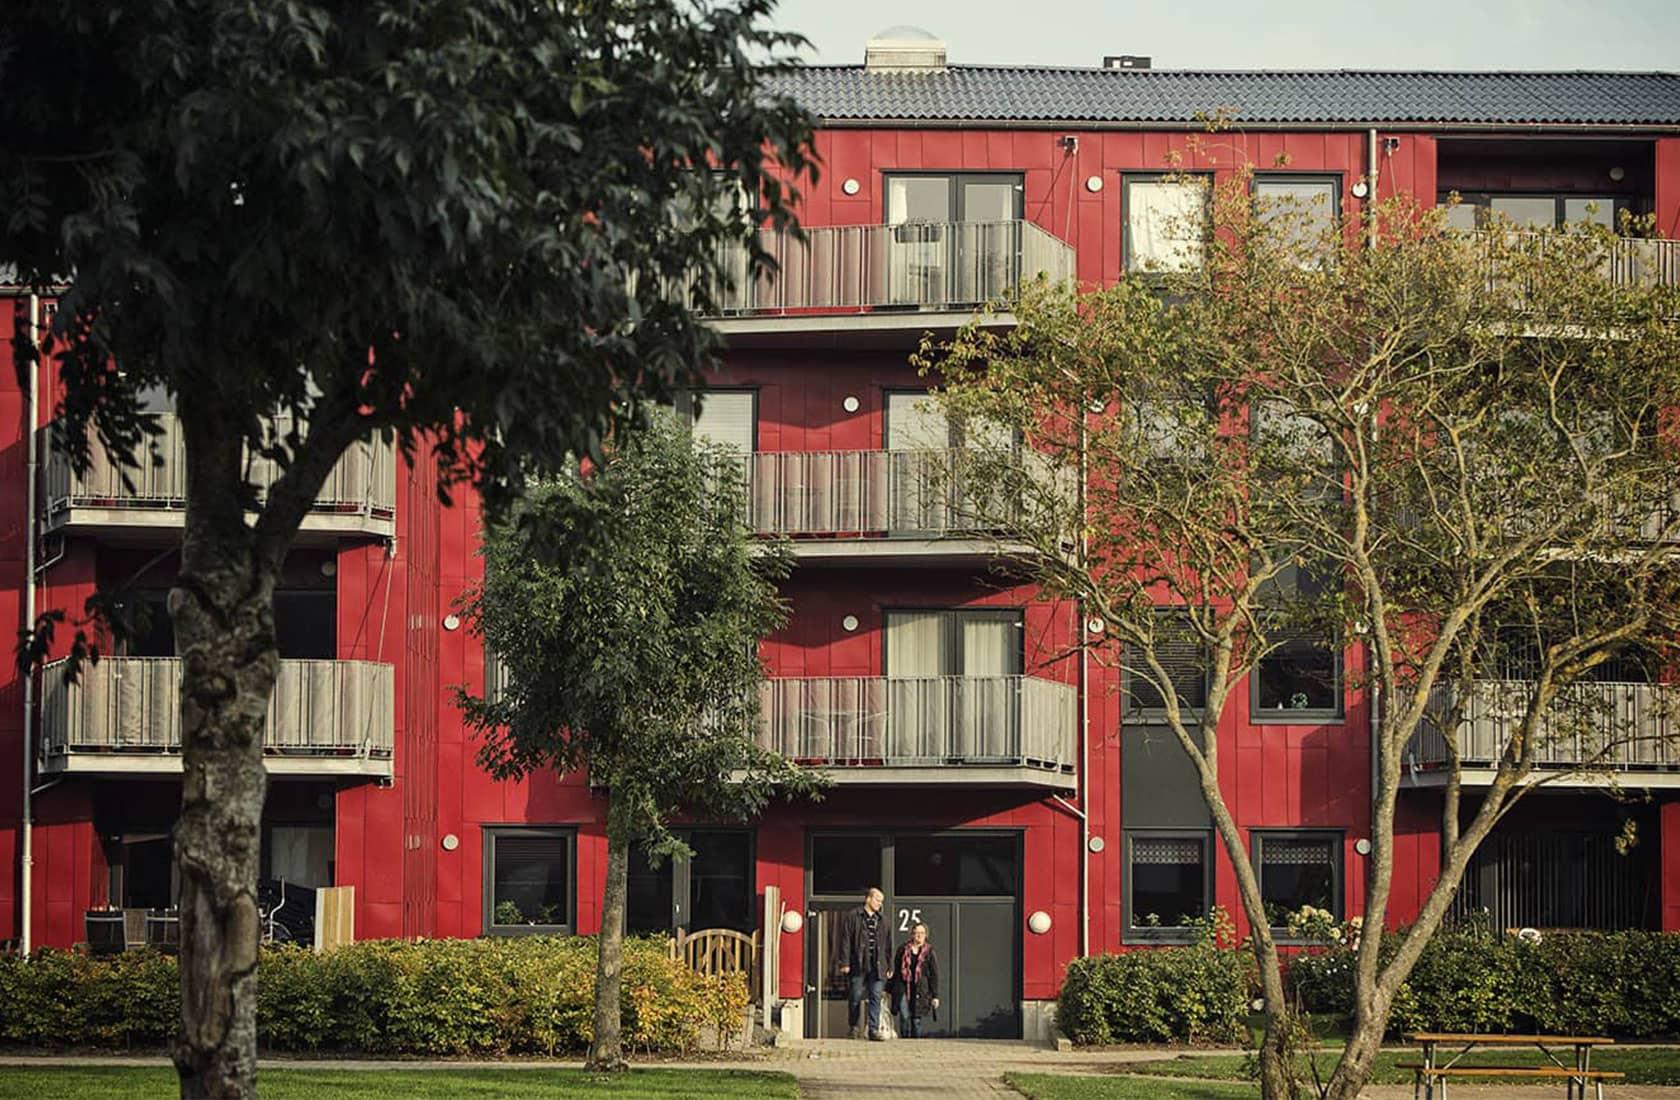 Rødt boligbyggeri